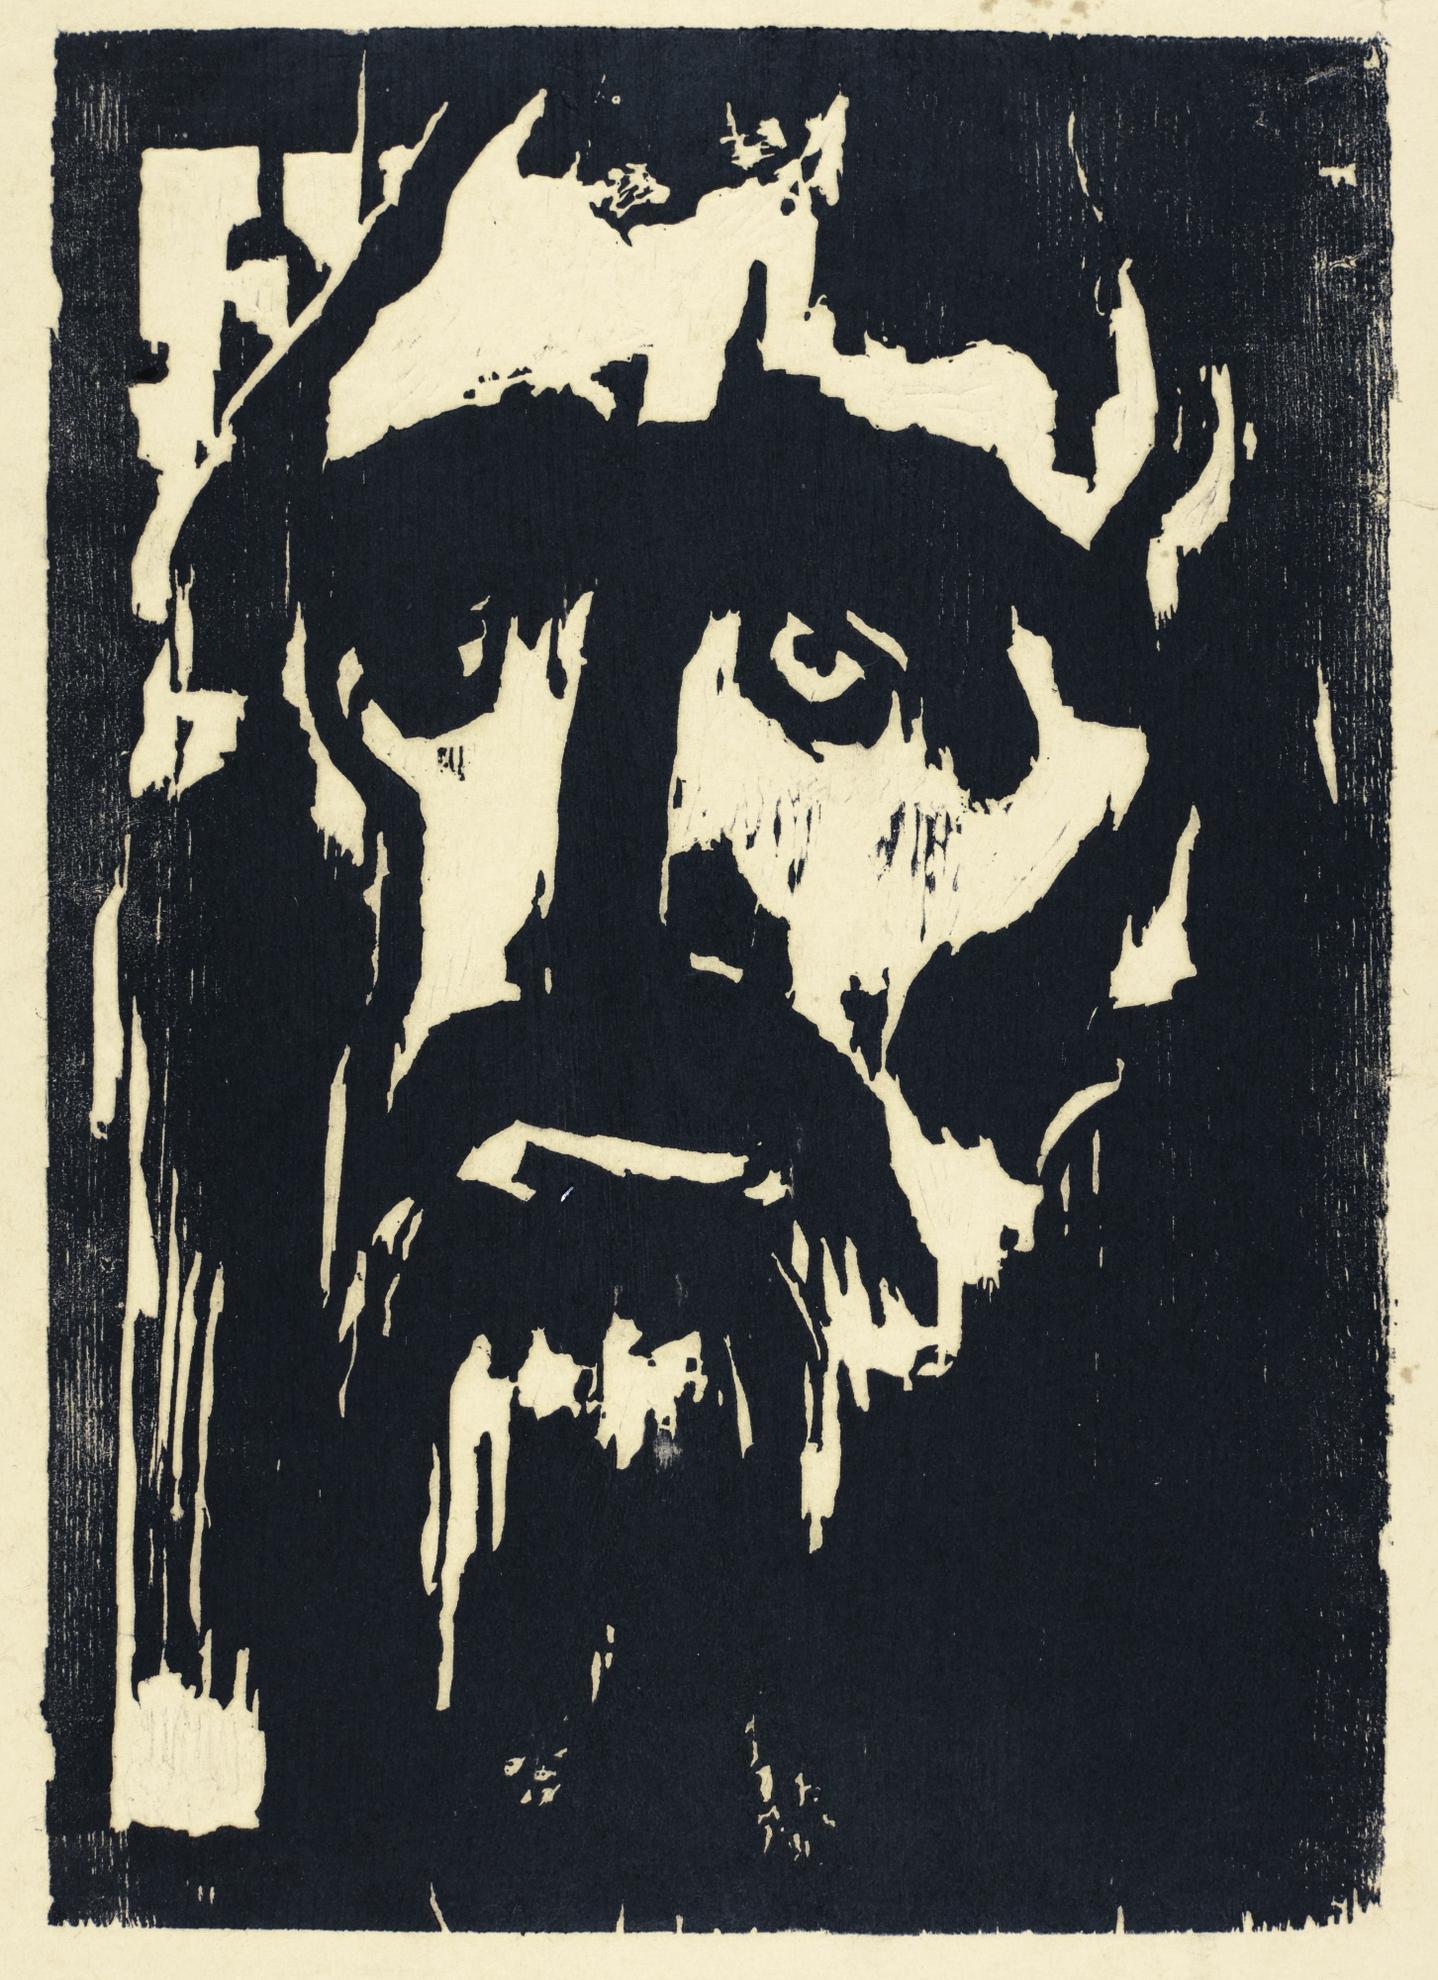 Emil Nolde-Prophet (Schiefler H110)-1912